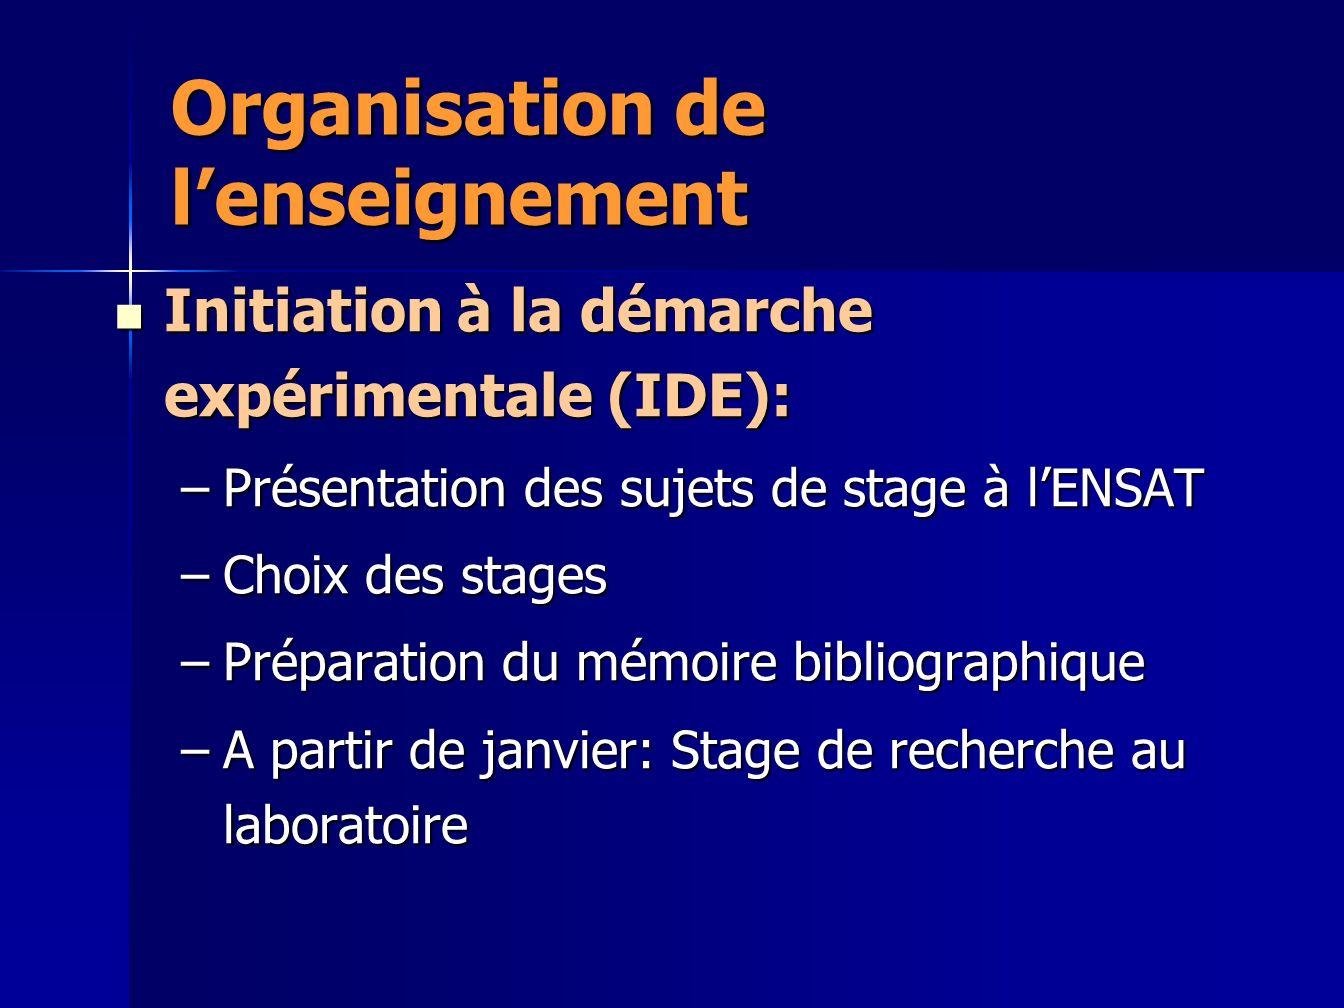 Evaluations UE « Nutrition humaine, toxicologie et IAA» (10 ECTS) UE « Nutrition humaine, toxicologie et IAA» (10 ECTS) –Evaluations régulières au cours du premier trimestre UE « Génétique et qualité » (2 ECTS) et UE « Biostatistiques » (3 ECTS) UE « Génétique et qualité » (2 ECTS) et UE « Biostatistiques » (3 ECTS) –Validation par attestation présence UE « Ateliers bibliographiques »: 5 ECTS UE « Ateliers bibliographiques »: 5 ECTS –Evaluation au cours des 2 dernières présentations darticle UE « Initiation à la démarche expérimentale»: 40 ECTS UE « Initiation à la démarche expérimentale»: 40 ECTS –Mémoire bibliographique –Stage de recherche Rapport de stage Rapport de stage Soutenance de stage Soutenance de stage